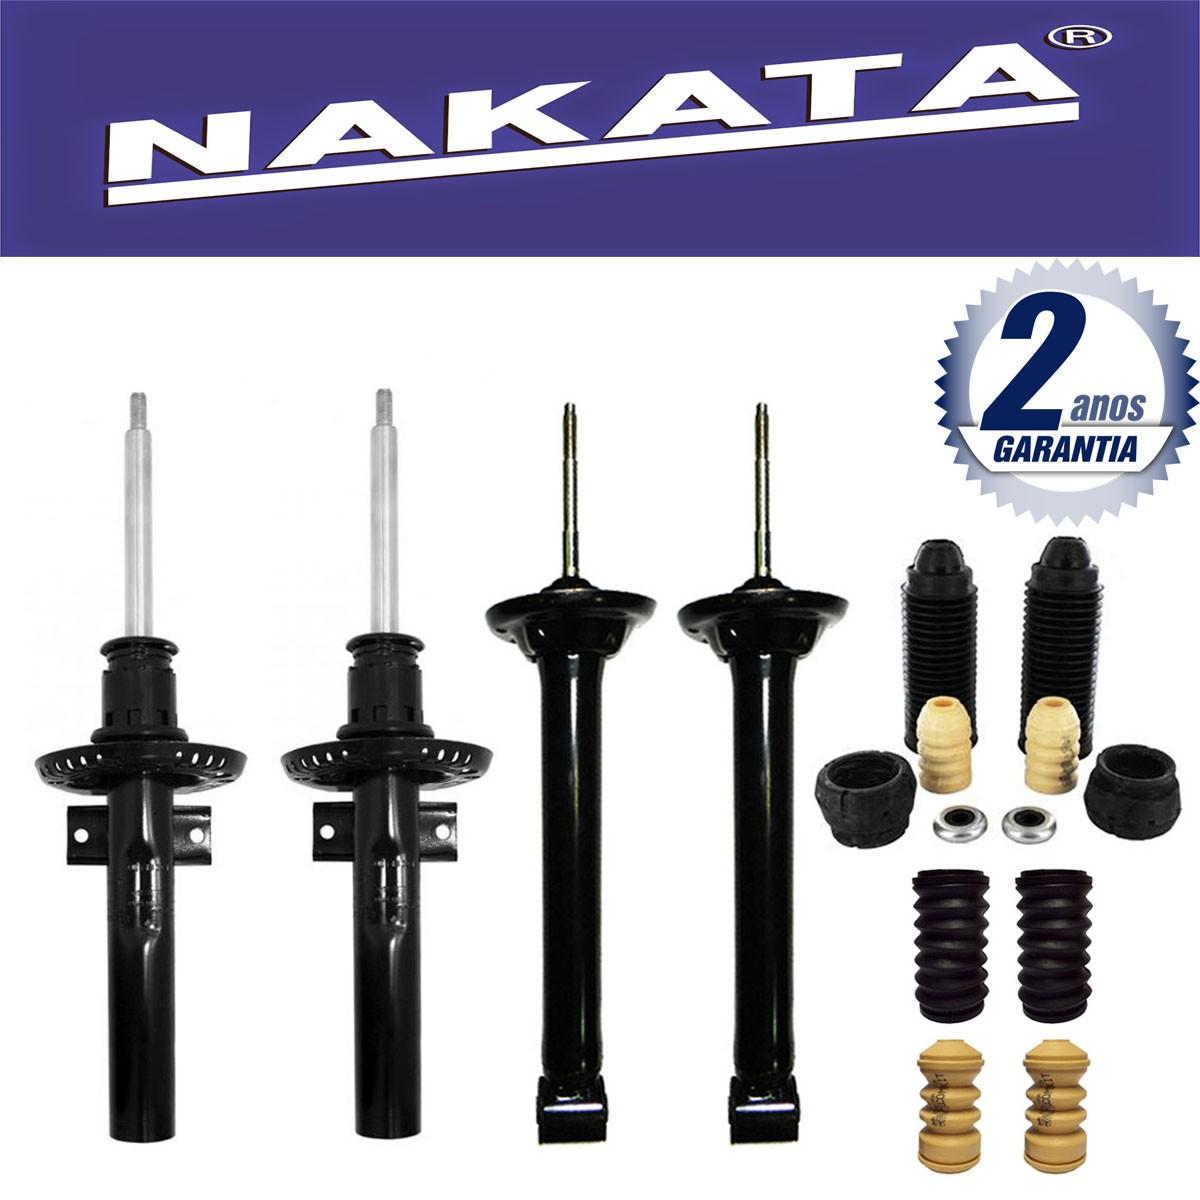 Jogo 04 Amortecedores Nakata Gol e Voyage G5 2008 Até 2013 + Kit da Suspensão